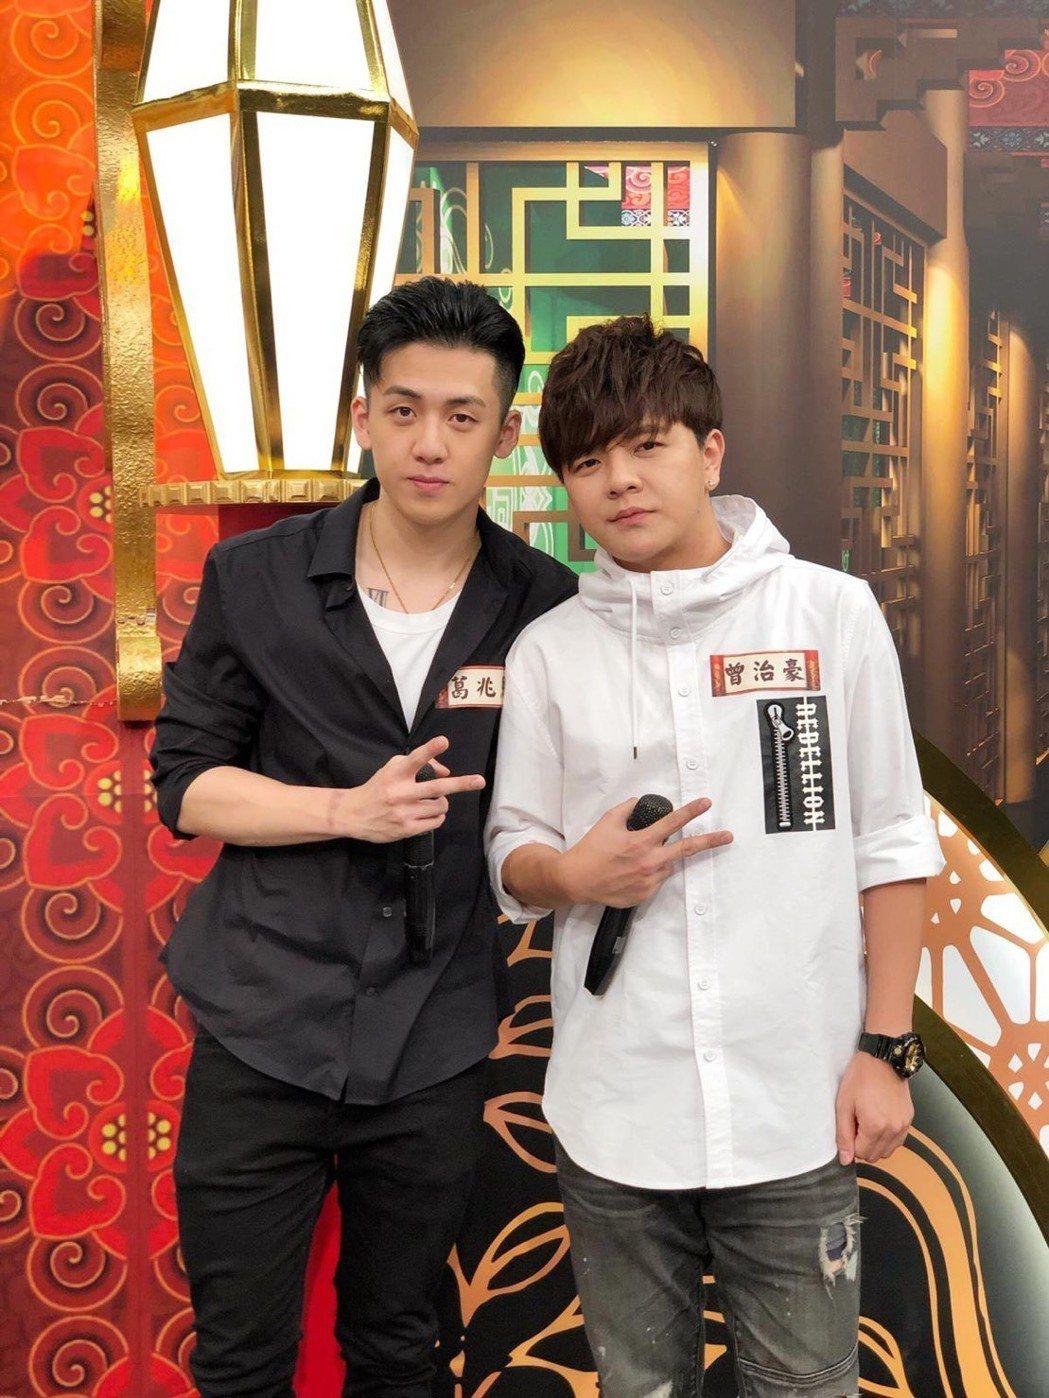 葛兆恩(左)和曾治豪惺惺相惜。圖/源礦娛樂提供